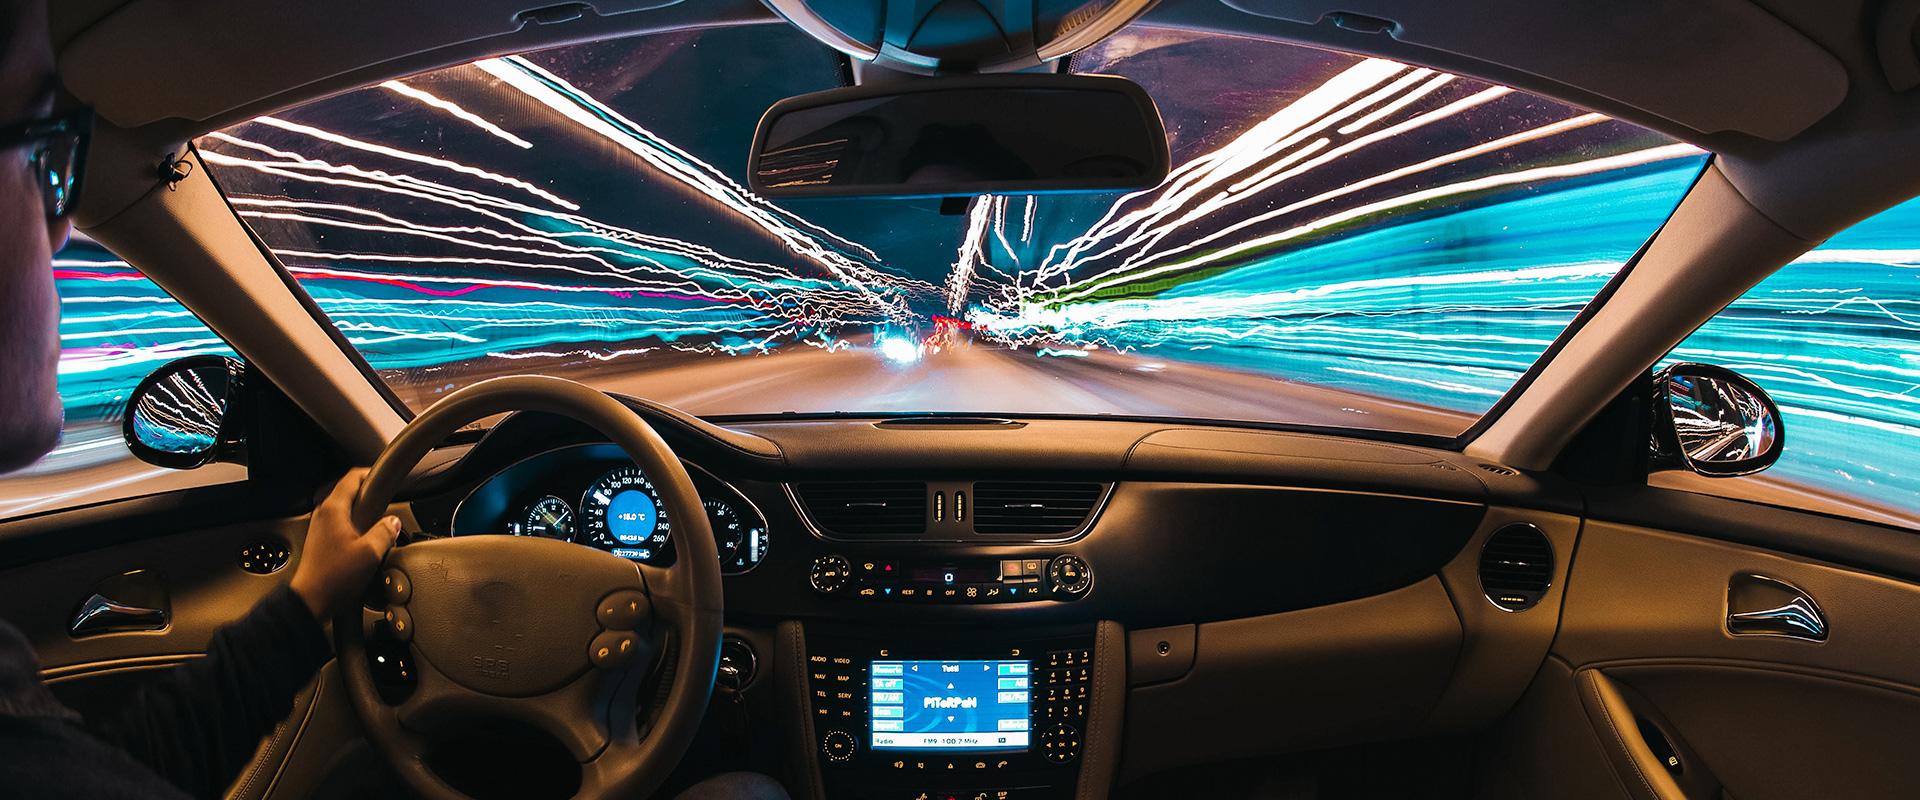 FEira-no-setor-de-Veículos-e-acessórios